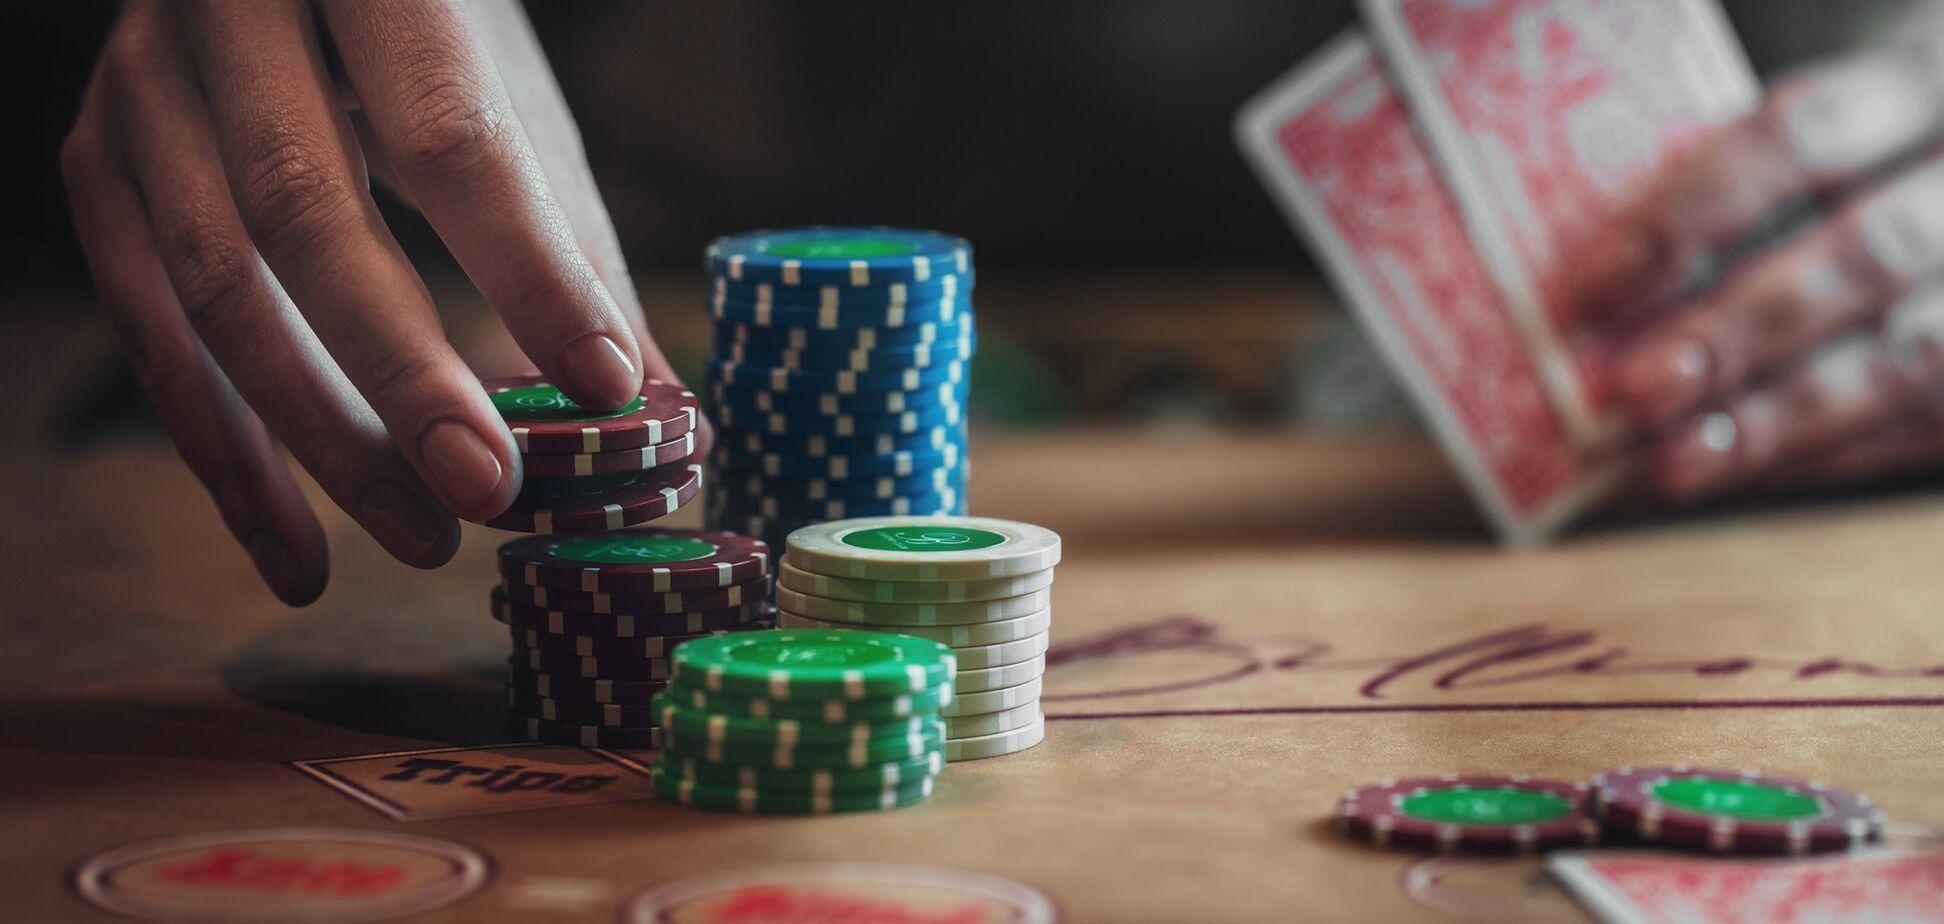 14 травня 2021 року в готелі 'InterContinental-Kyiv' розпочне роботу перше в столиці легальне казино